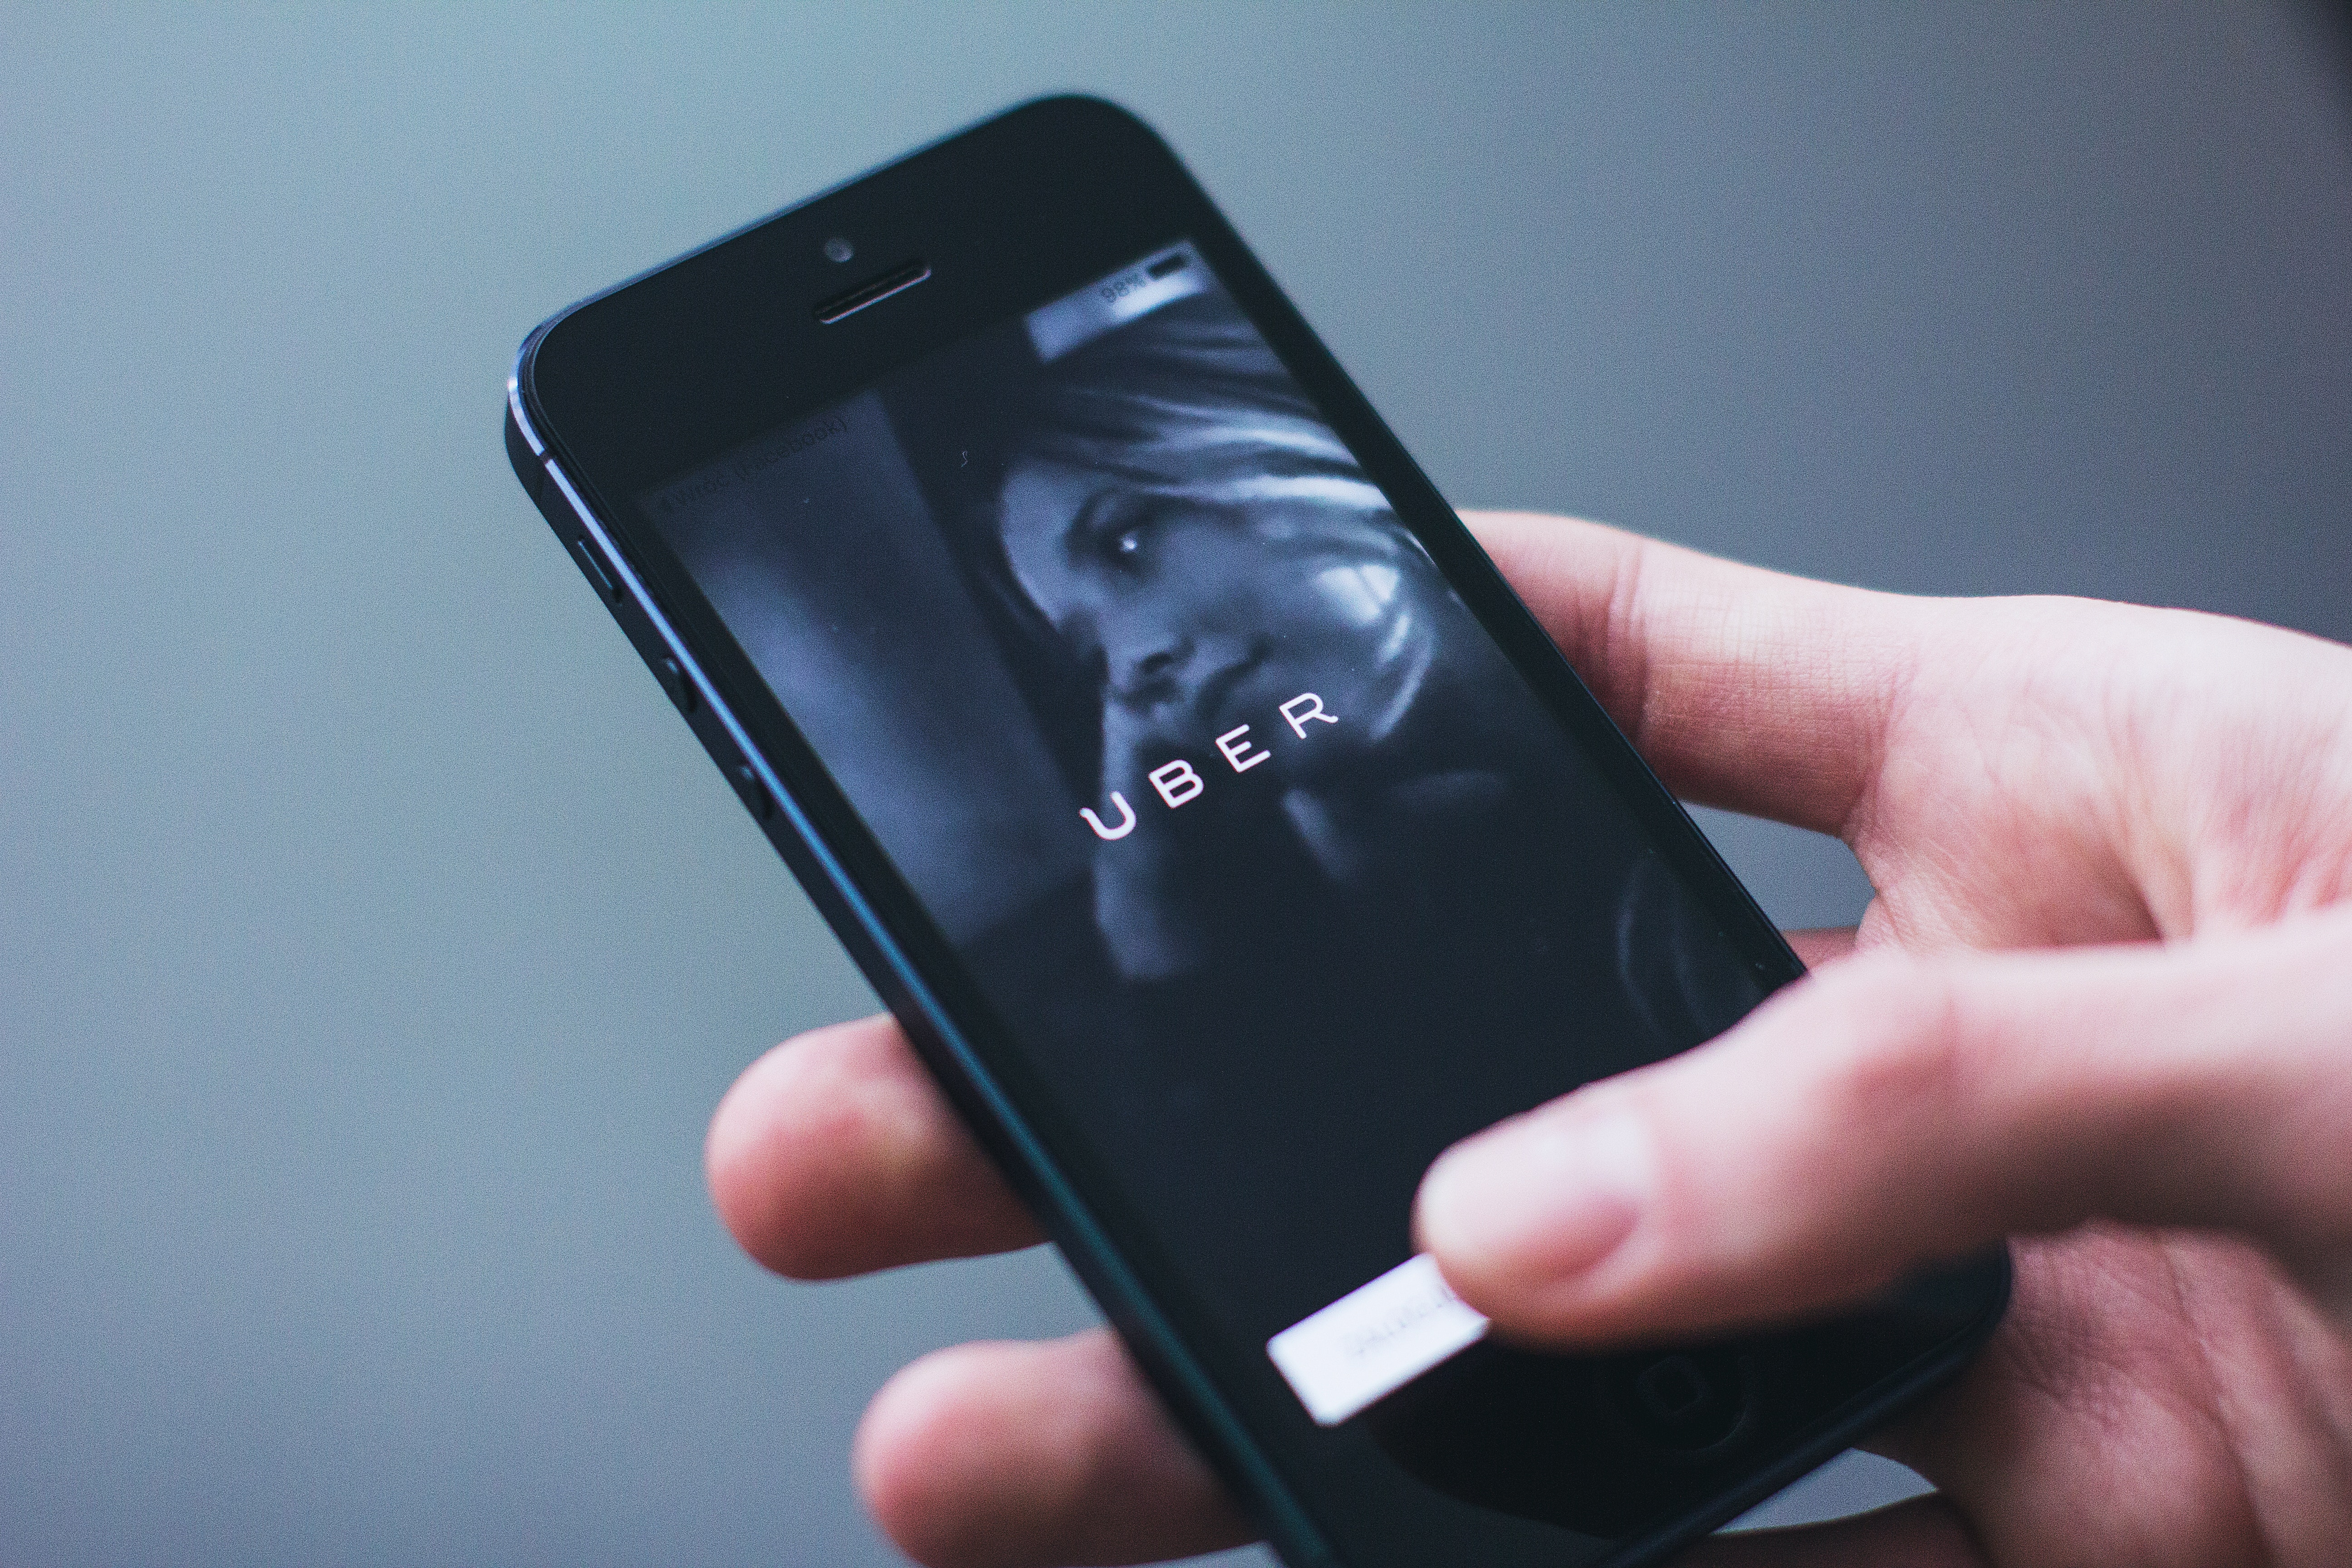 Hello Uber, The ER Please! 1